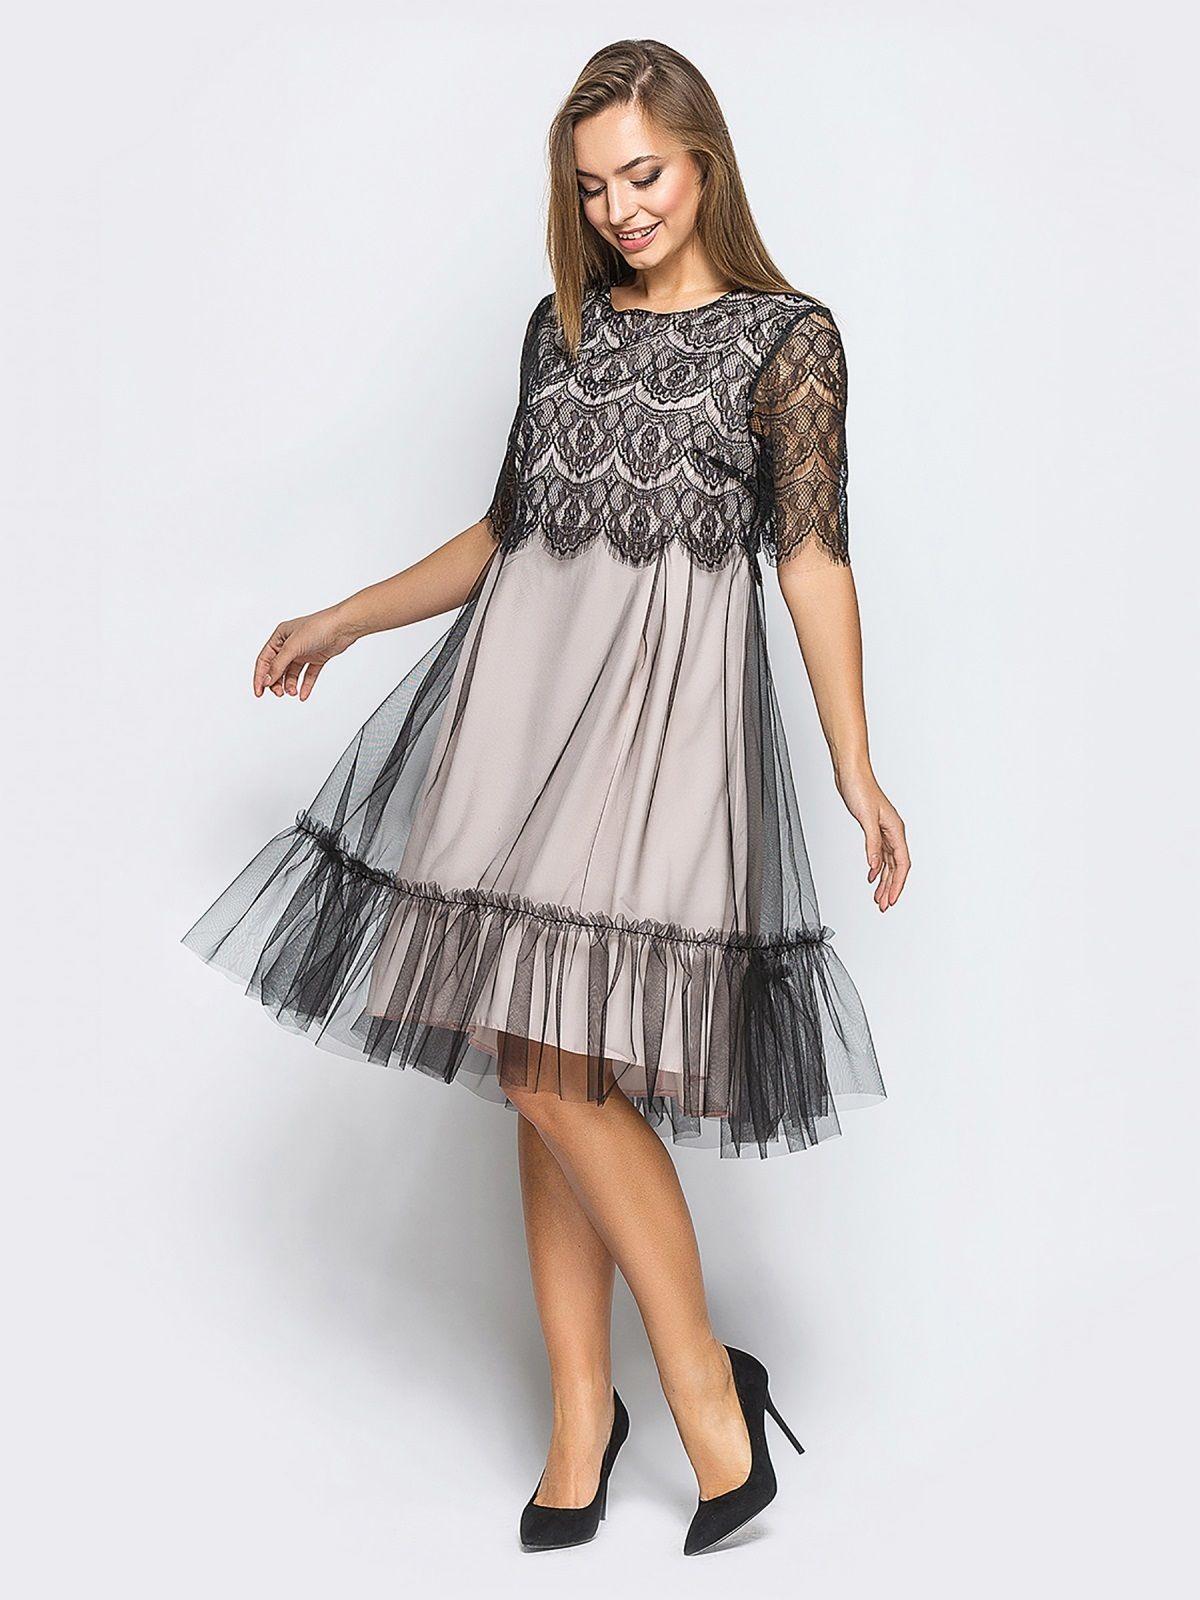 55f8b2be9ed23aa Трикотажное платье с верхом из гипюра и оборкой из фатина 17434 – купить в  Киеве,